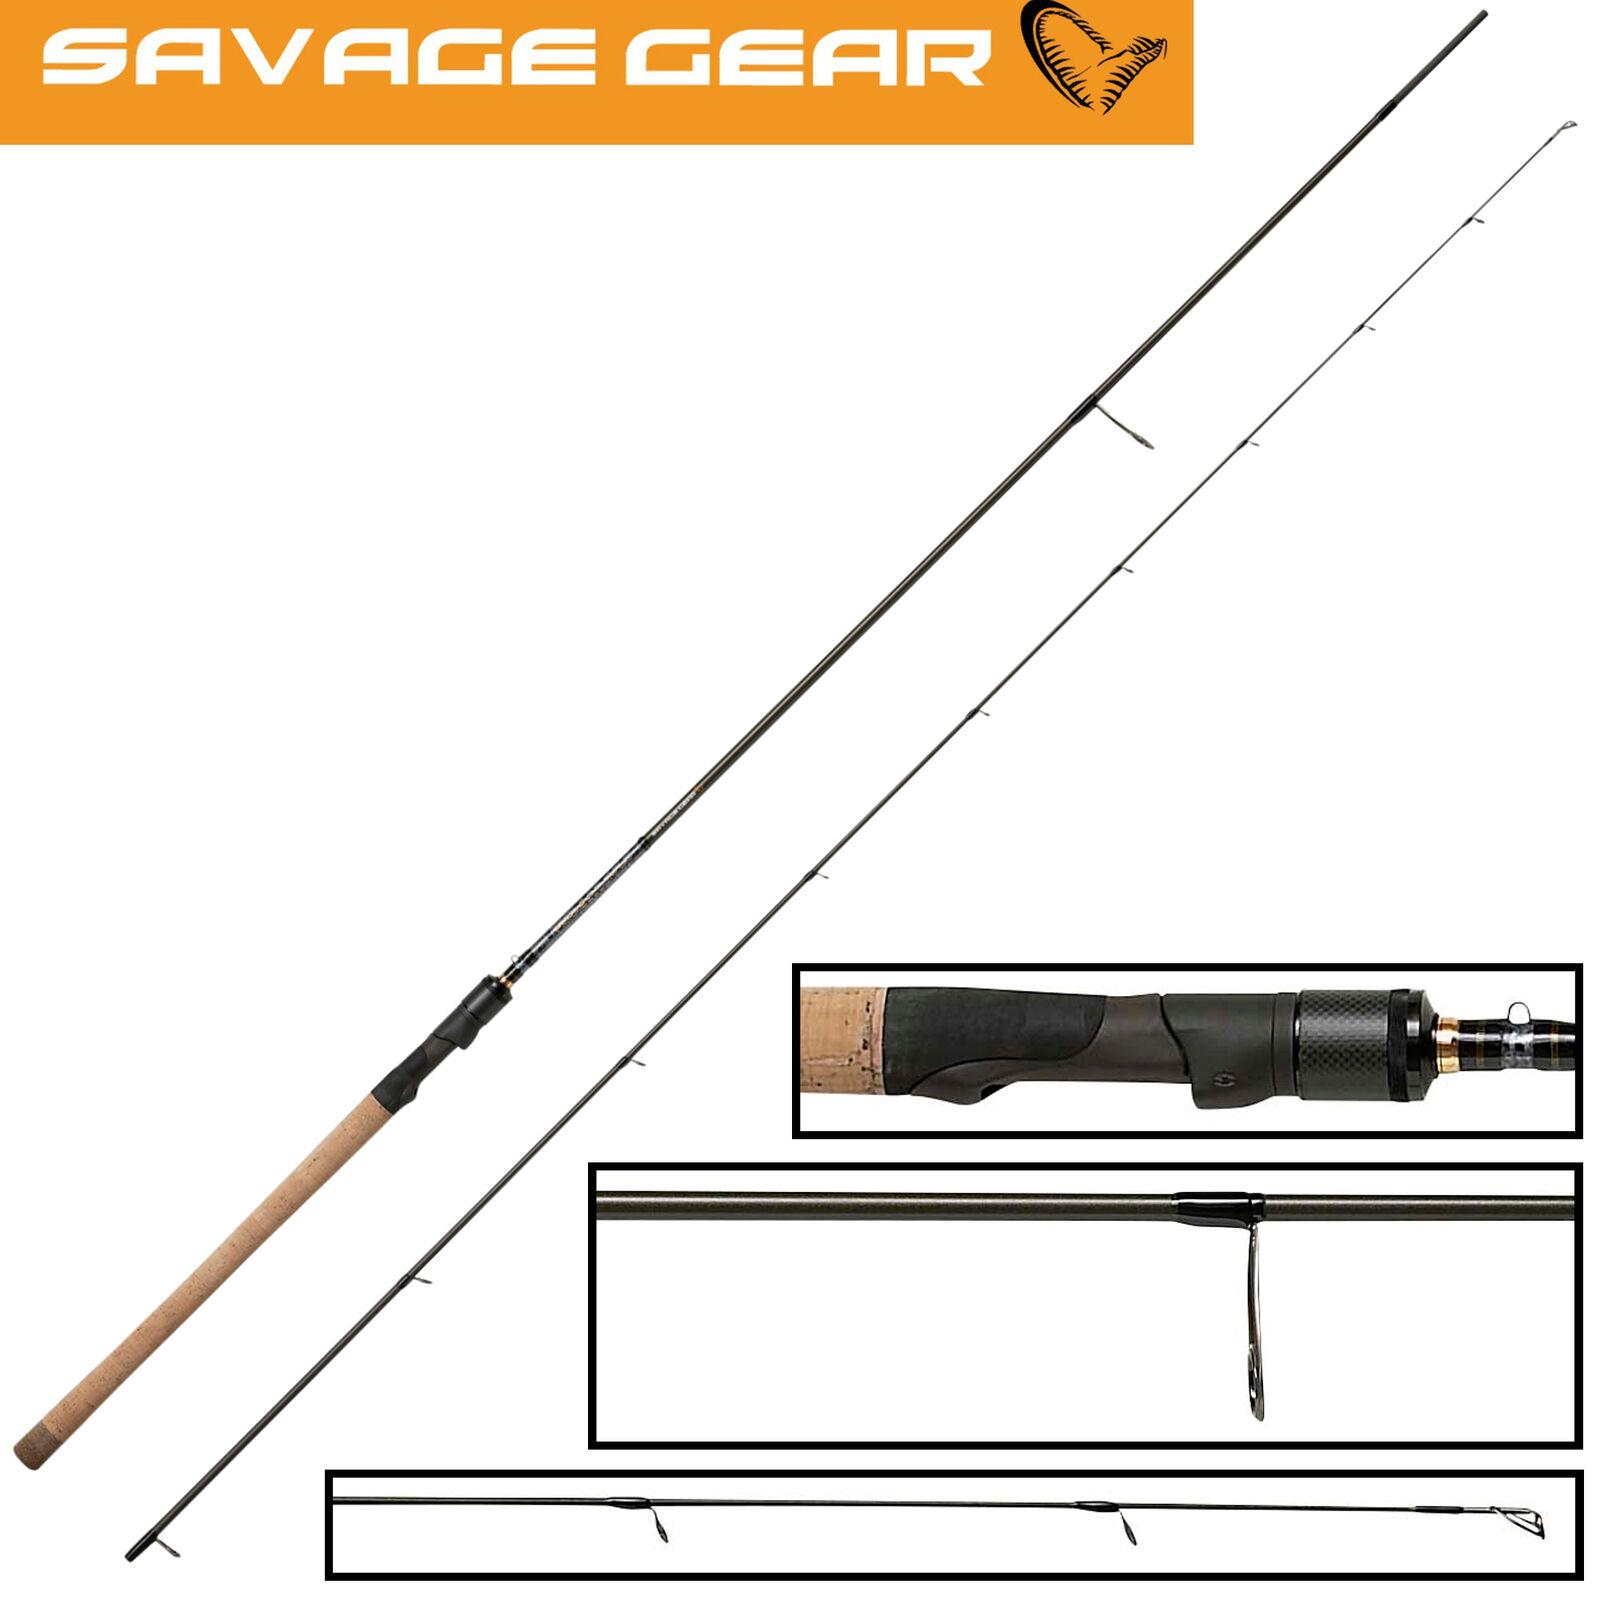 Savage Gear Parabellum CCS Spinnrute 2,79m 5-18g, Barschrute, Forellenrute